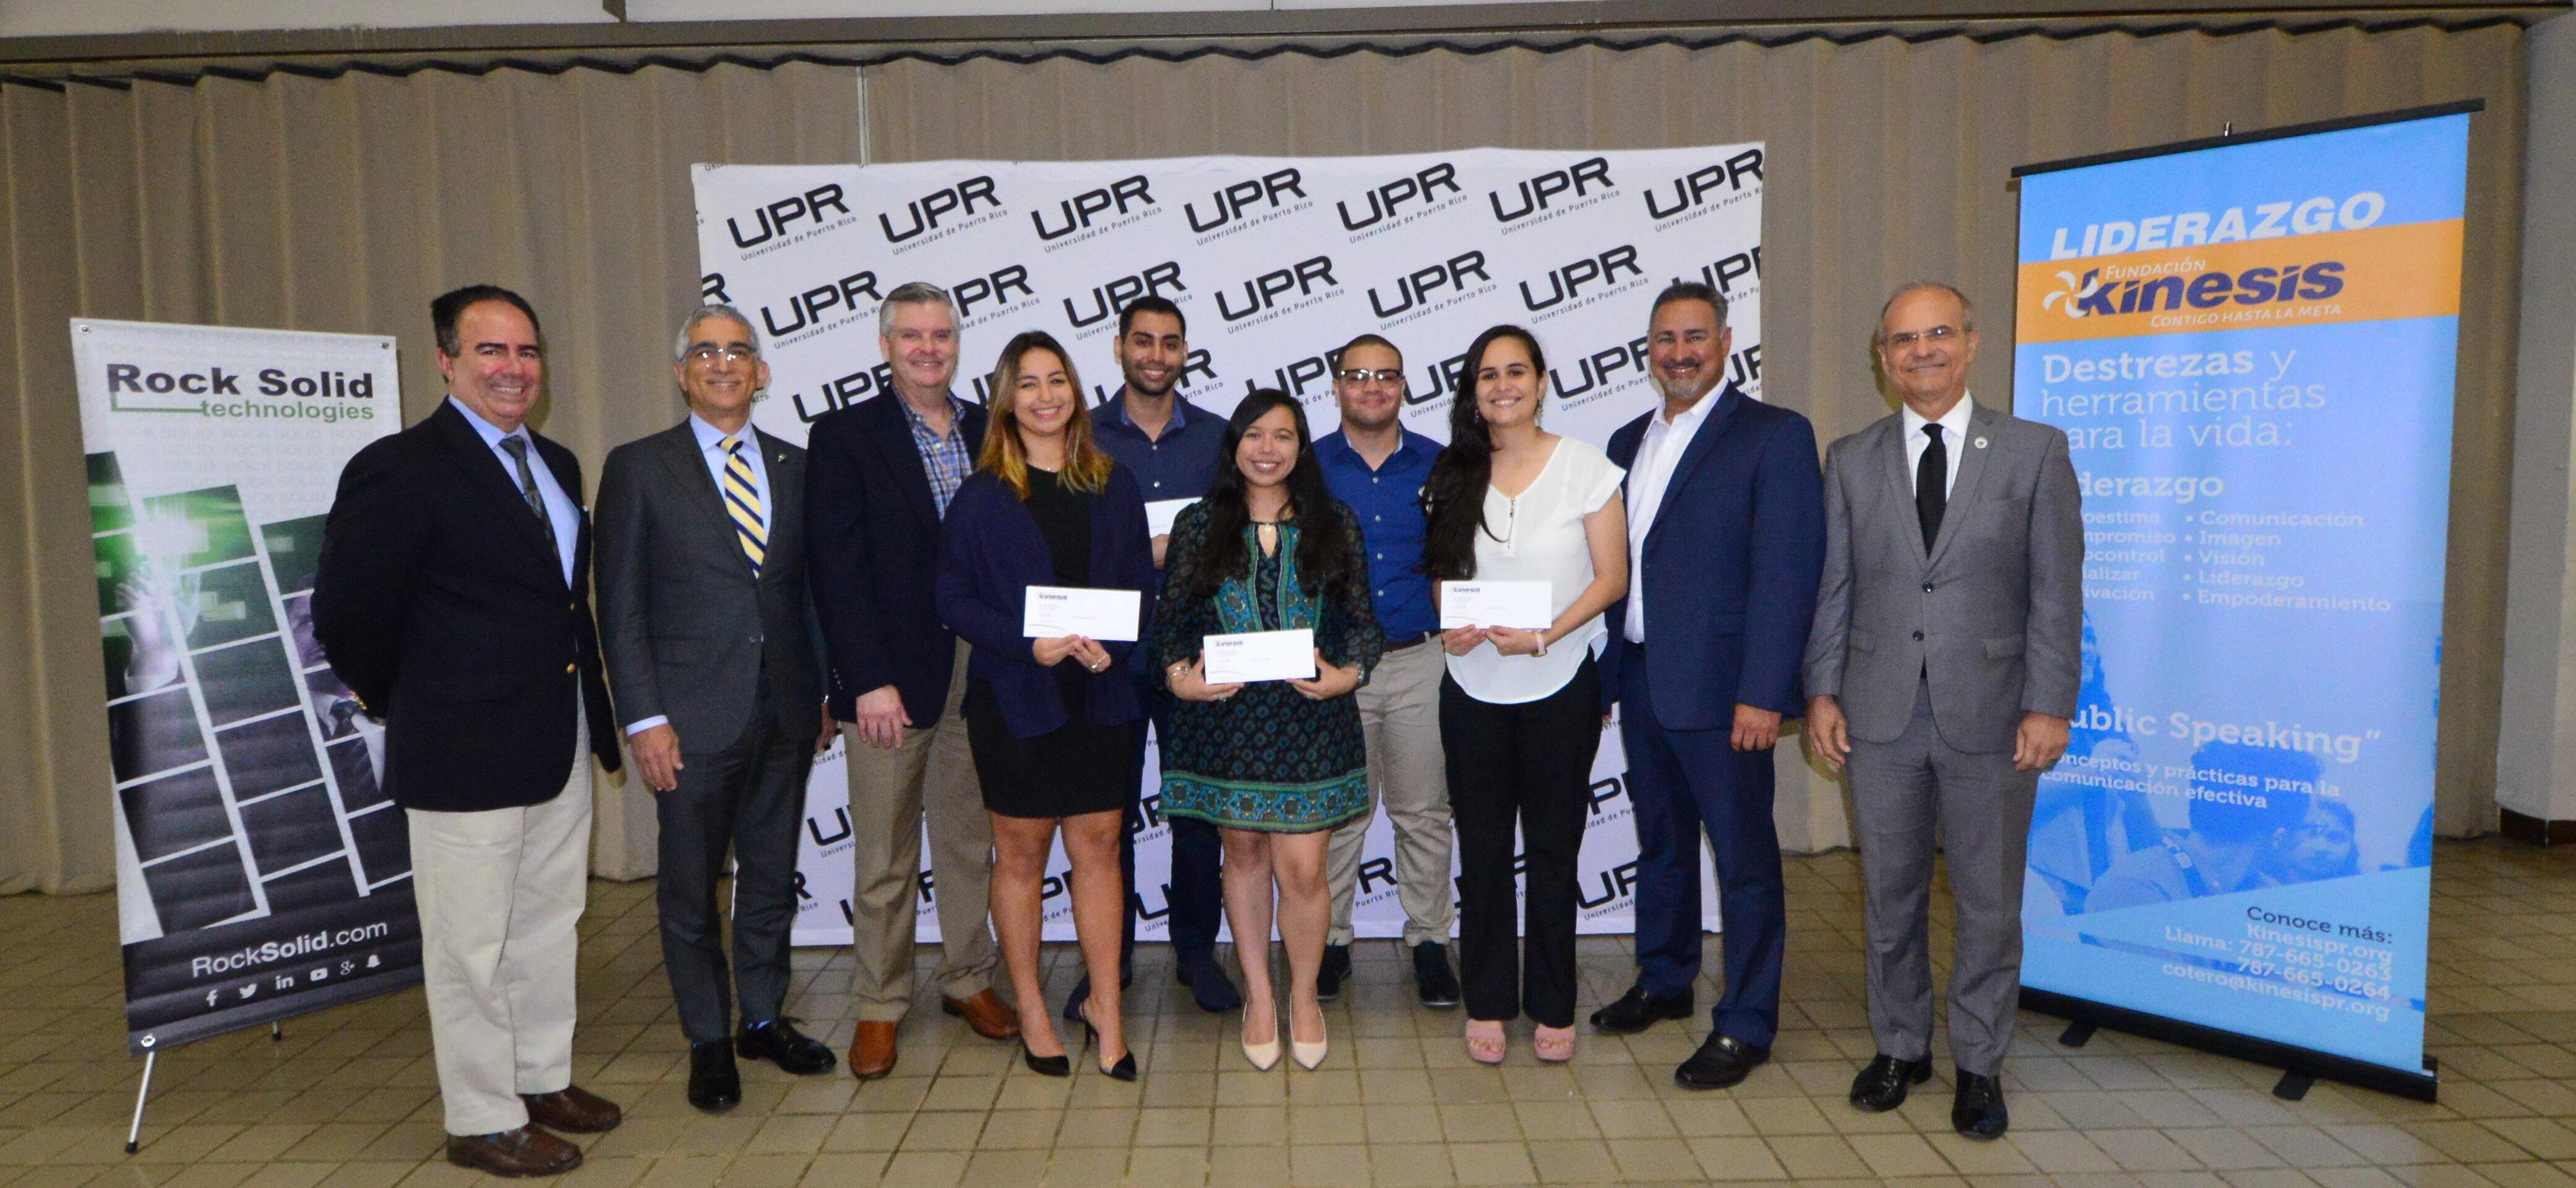 Rock Solid y Kinesis unen fuerzas para reconocer al talento de la Universidad de Puerto Rico